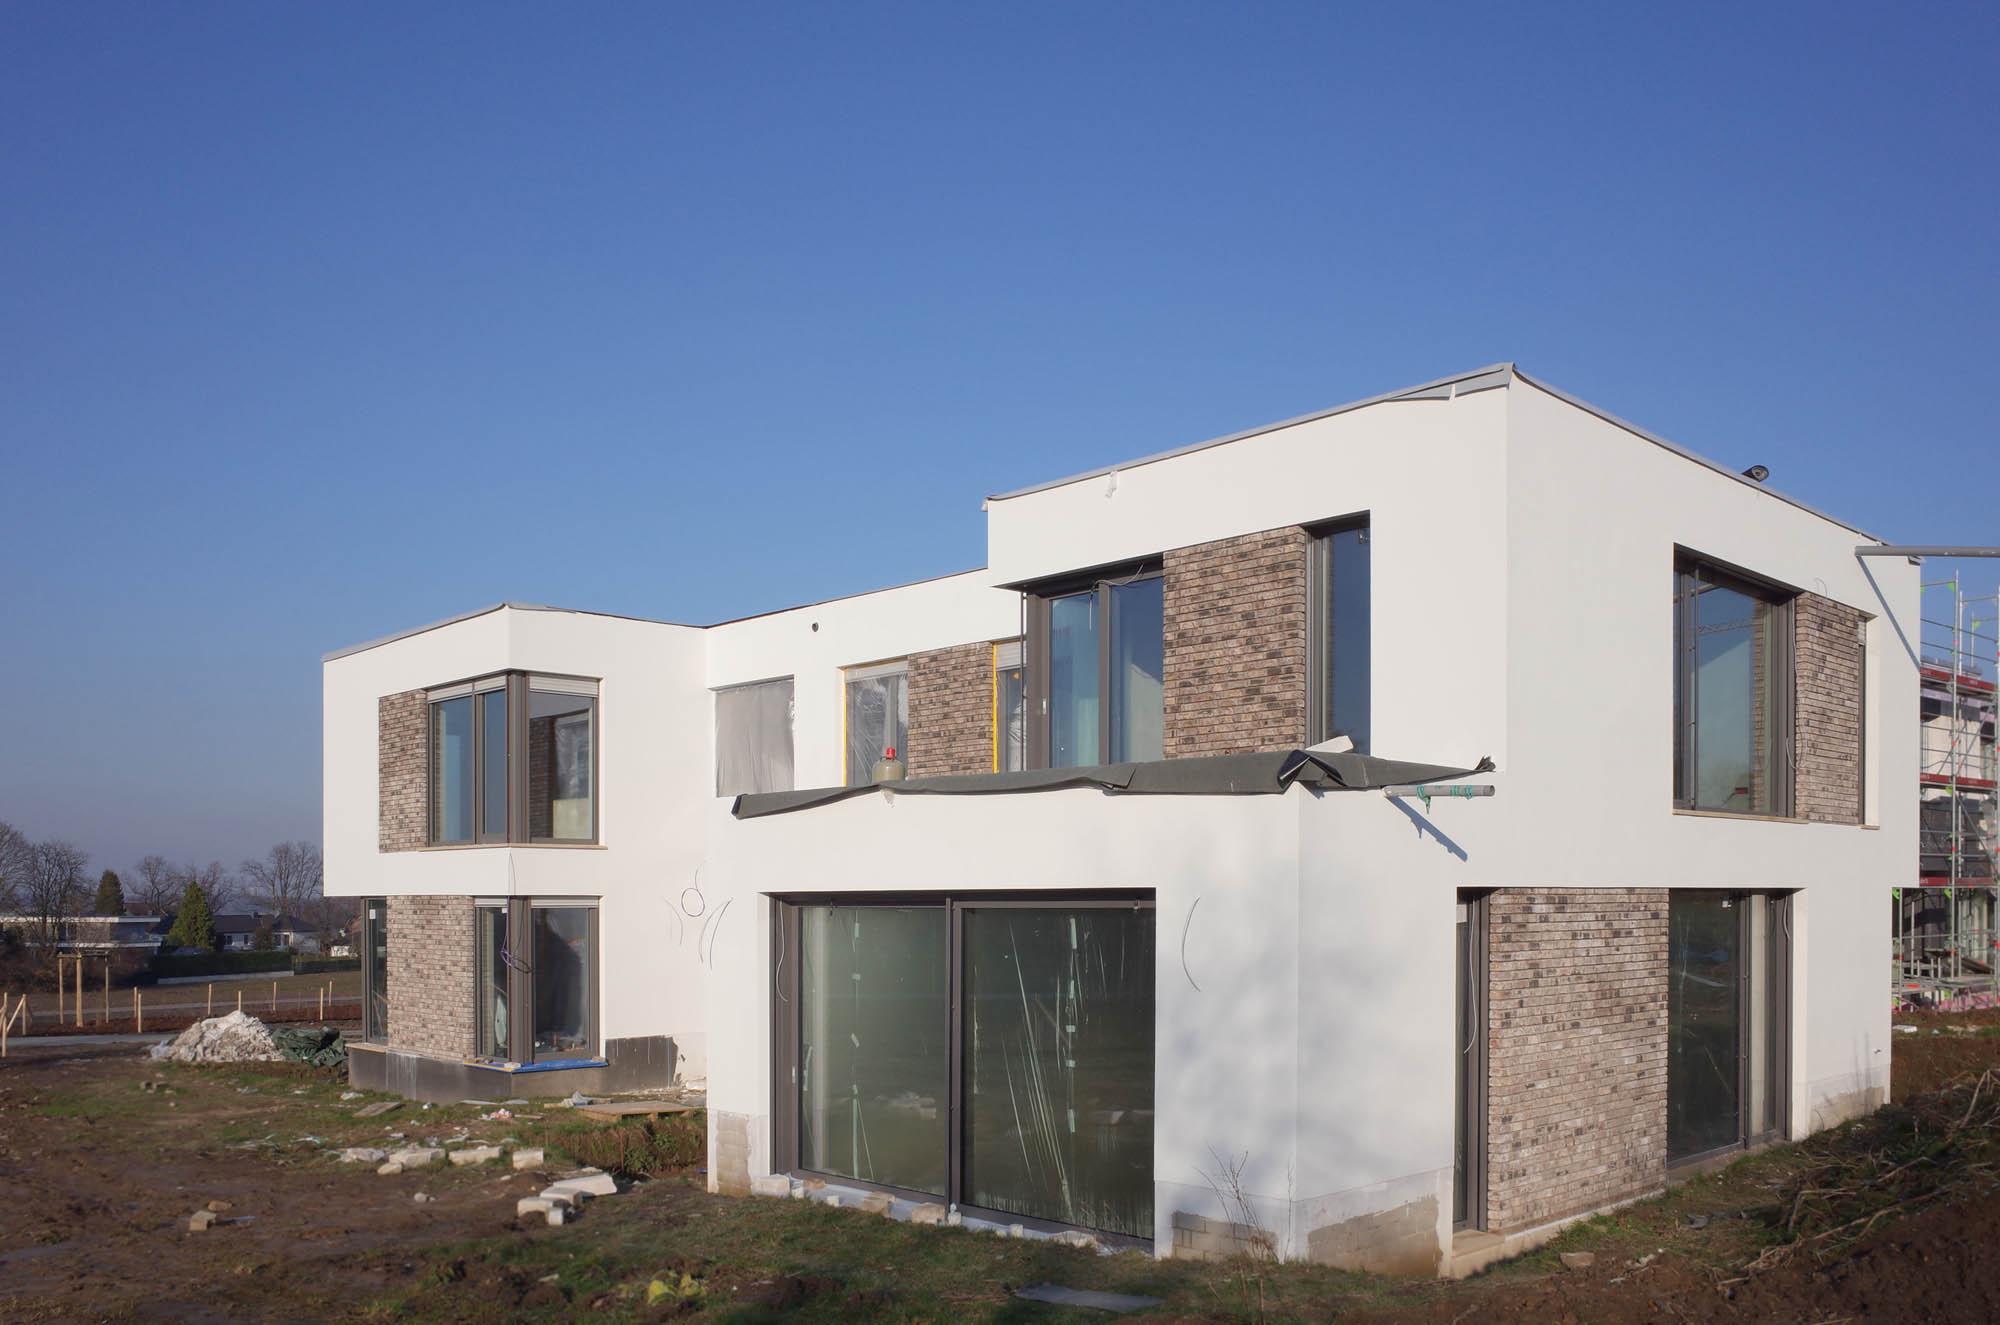 Modernes Haus In Heidhausen Architekten Blanc Mecklenburg